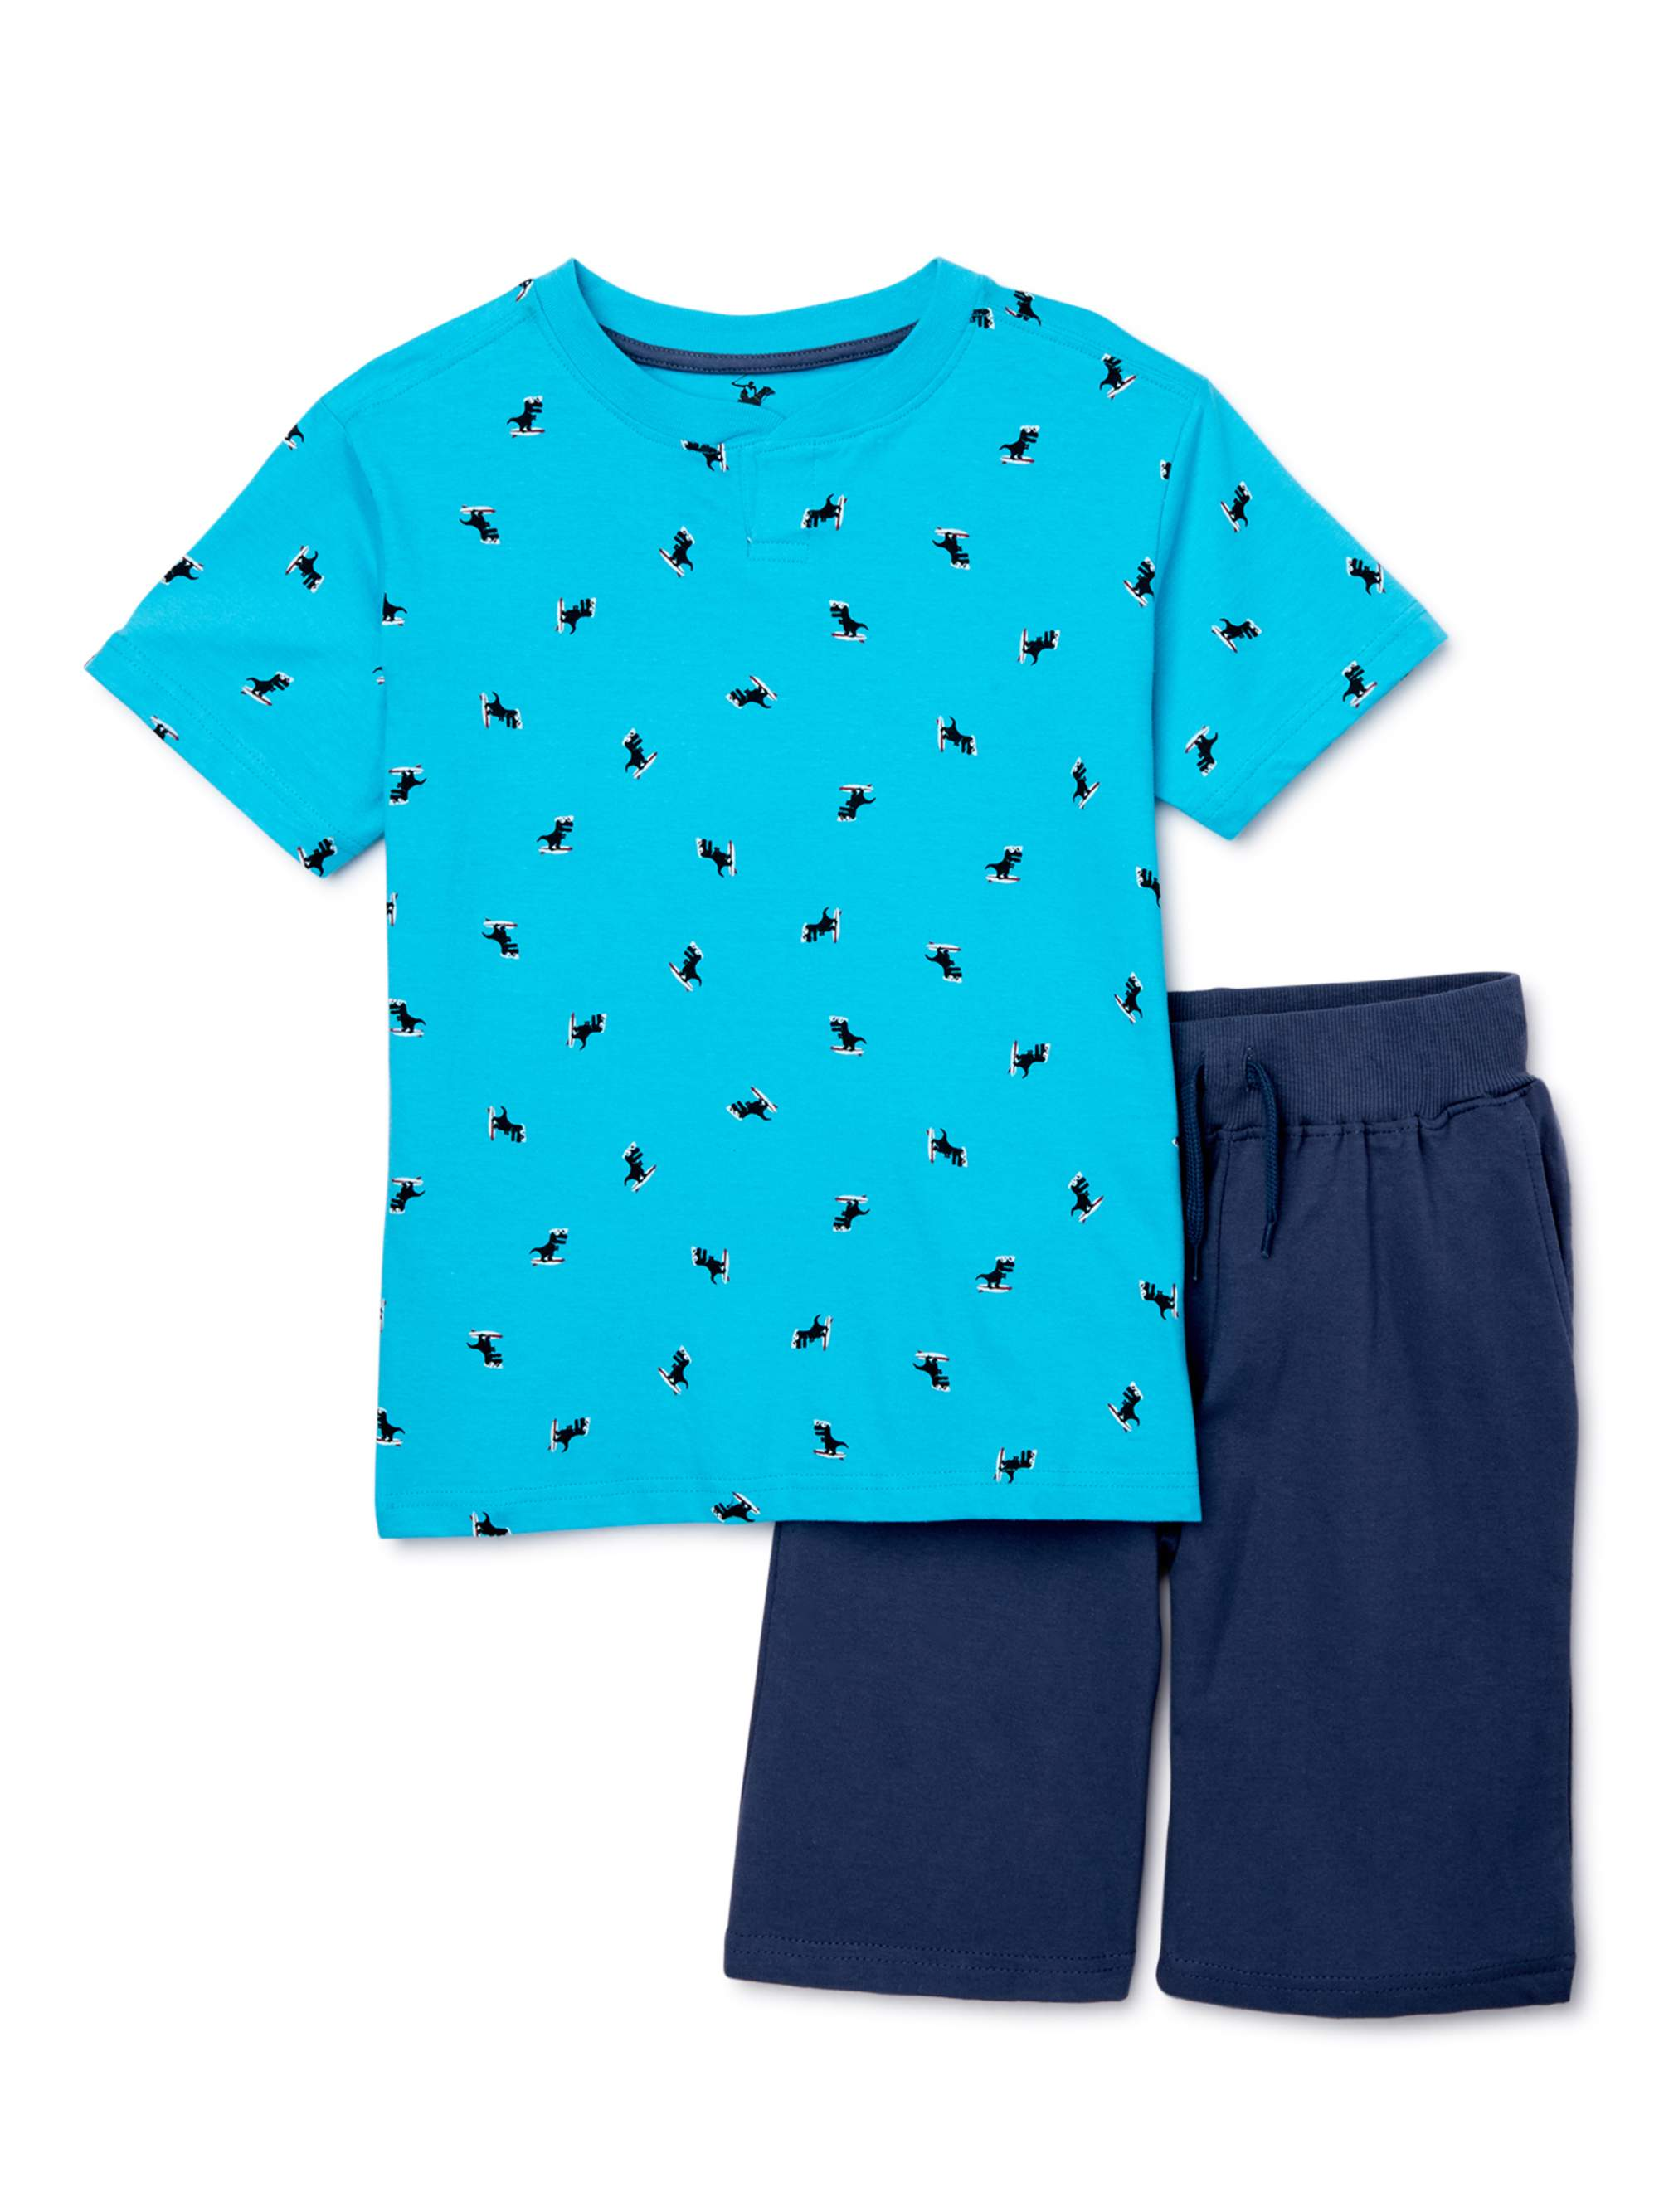 Infant /& Boys Peanut Buttons $46 Sports 2pc Sets Size 12 Months 7